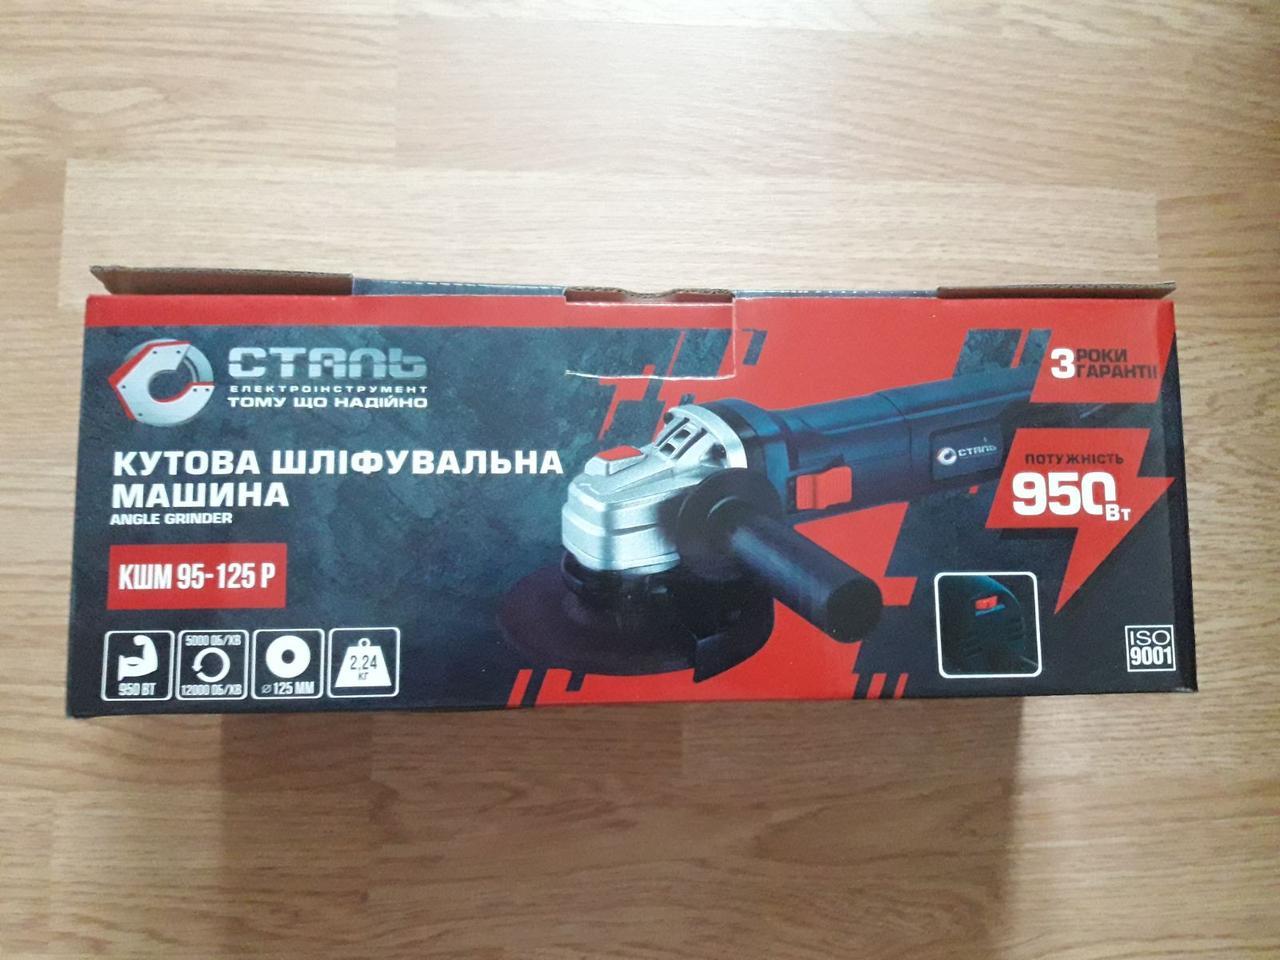 КШМ 95-125Р